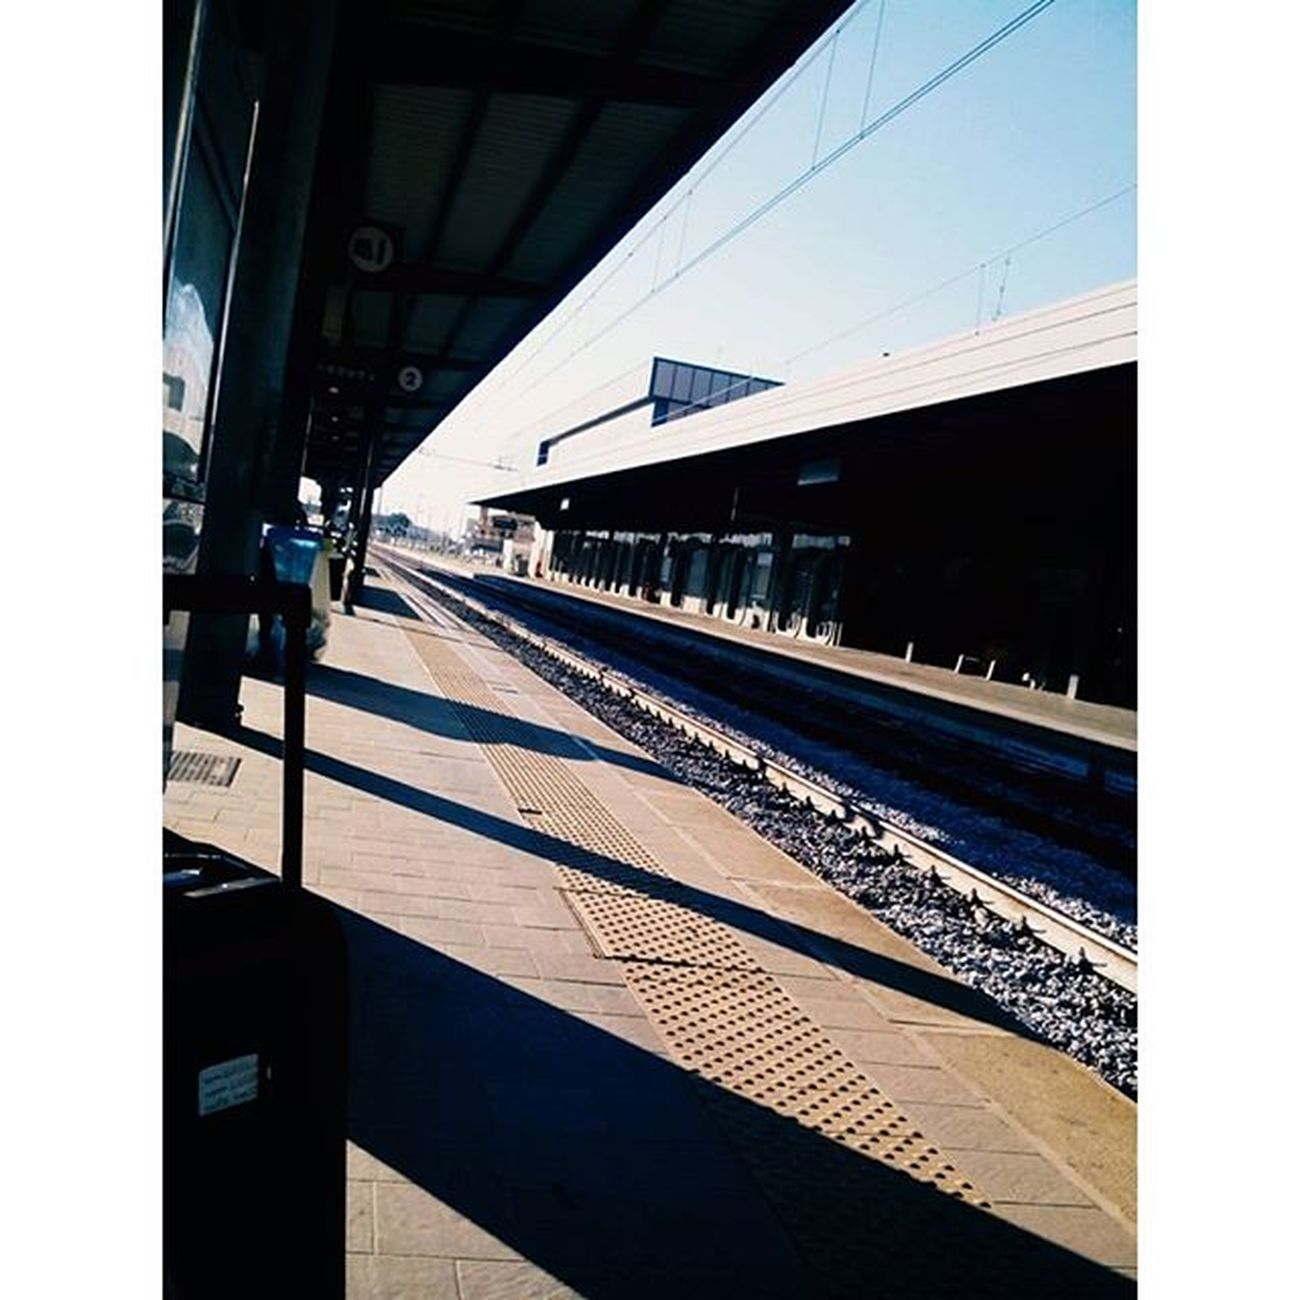 •Il treno senza fermate.• Termoli  Stazione Fermata Treno Binari Binario Distanza Fuckdistance Nocrop Aviary Retrica Lei Meow Cool Photo Ph Pic Picoftheday Instapic Instacool Instalike Instalife L4l F4F Life day images sun luce ombra